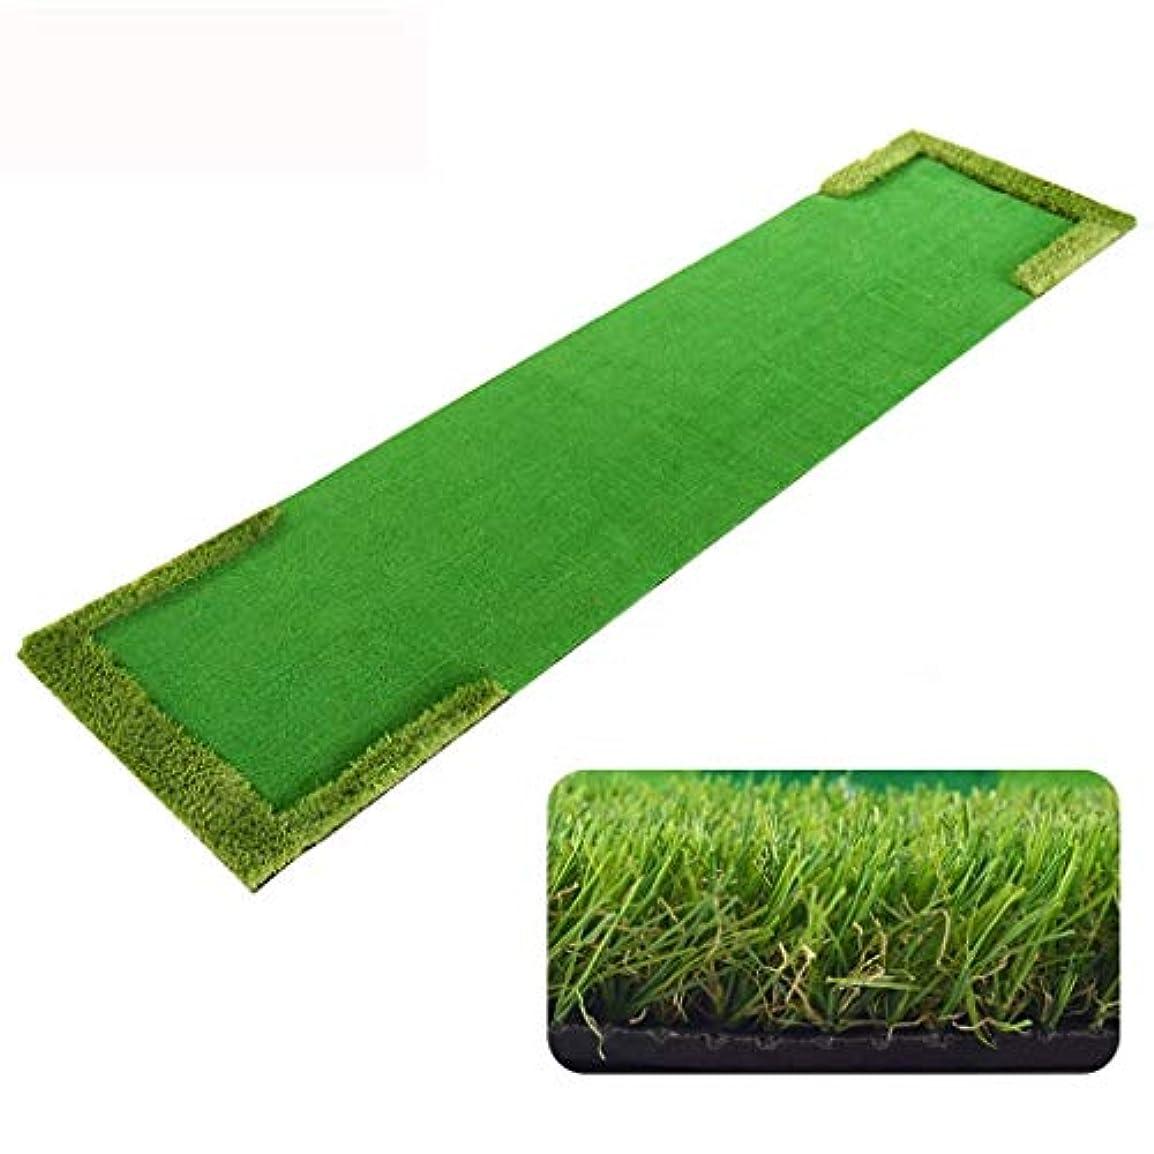 数学ドナウ川陸軍Zyy 屋内 ゴルフパッティング 練習 毛布 - ゴルフ練習 マルチ Lane 設計 緑 ストレージと 運ぶ 便利 サイズ:58x300cm